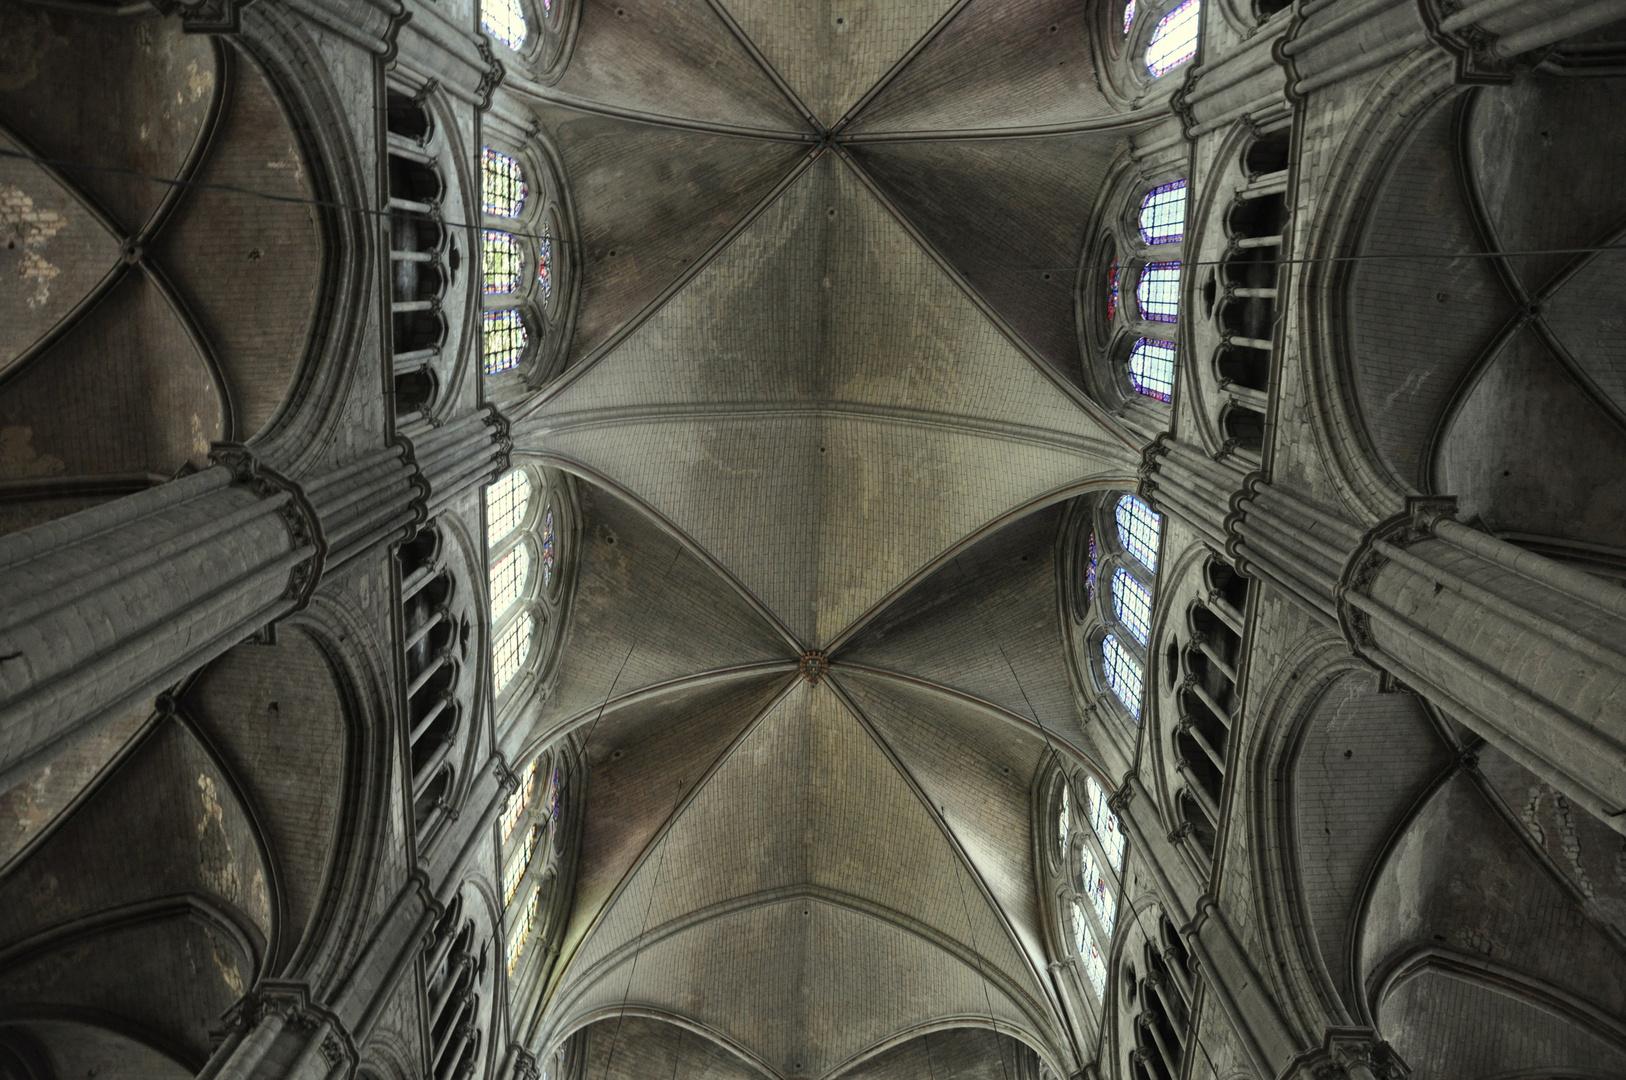 cathédrale saint-etienne de bourges photo et image | architecture d